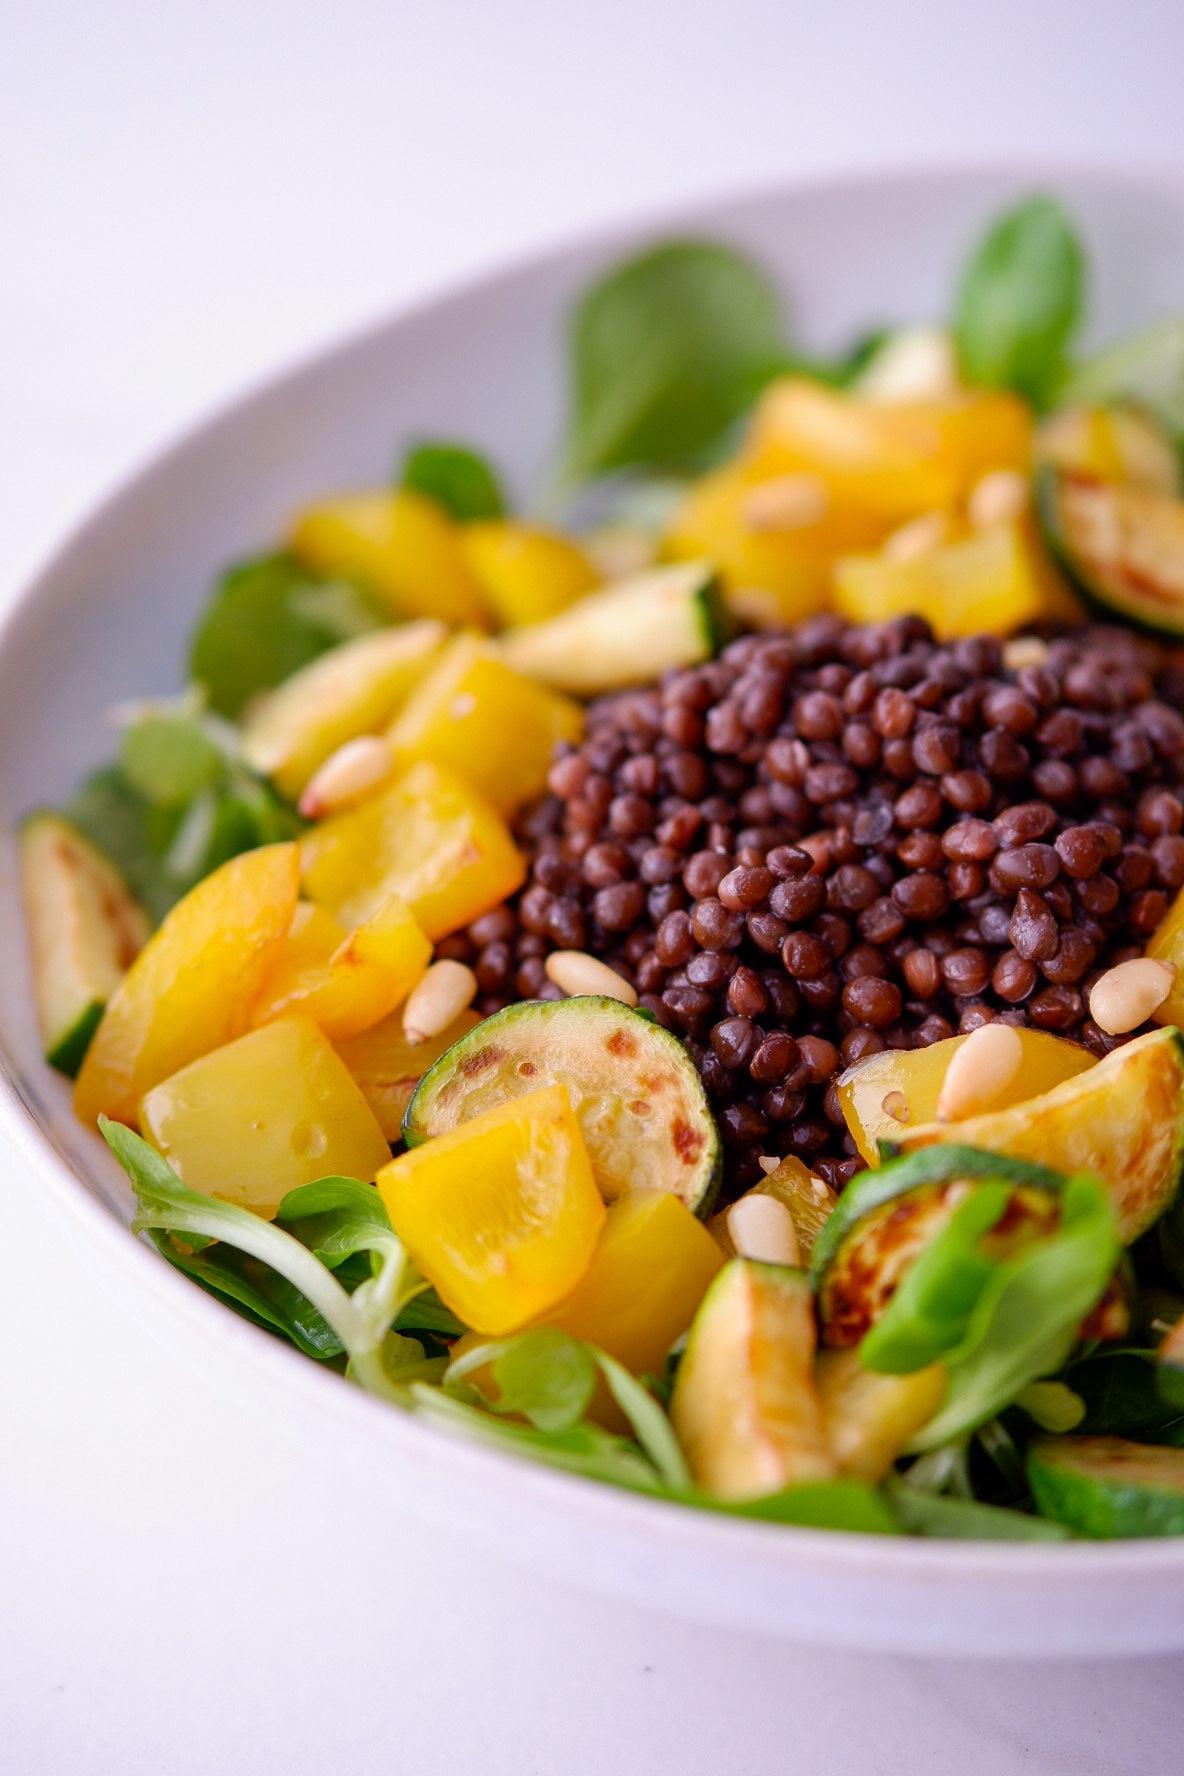 Salat mit Belugalinsen und Grillgemüse